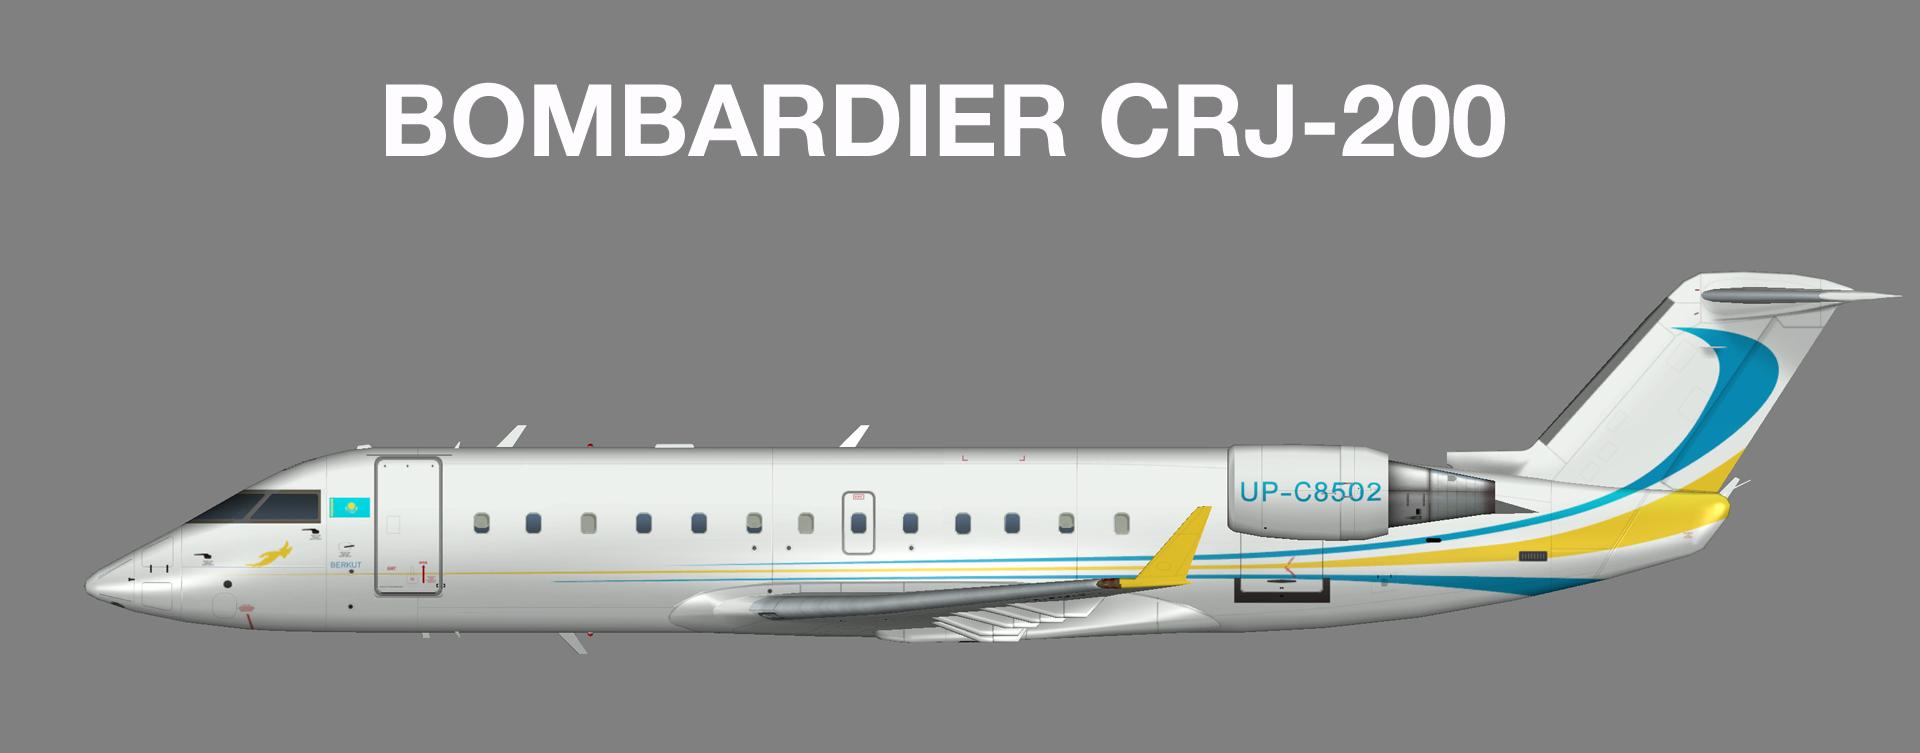 Kazakhstan Government Bombardier CRJ-200